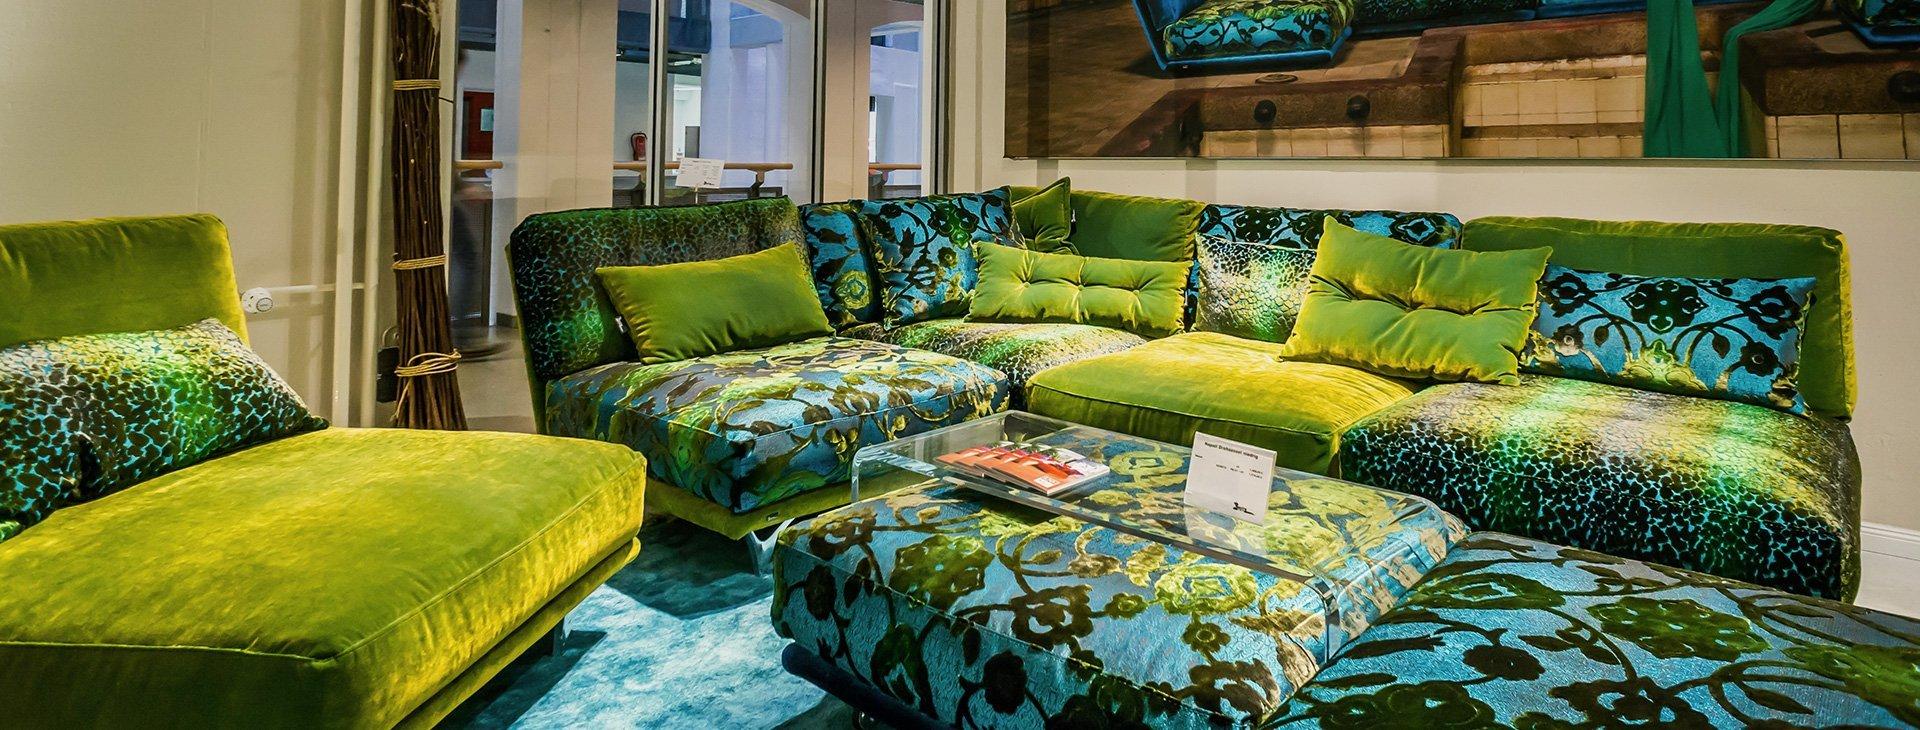 bretz ihre stores im stilwerk hamburg. Black Bedroom Furniture Sets. Home Design Ideas